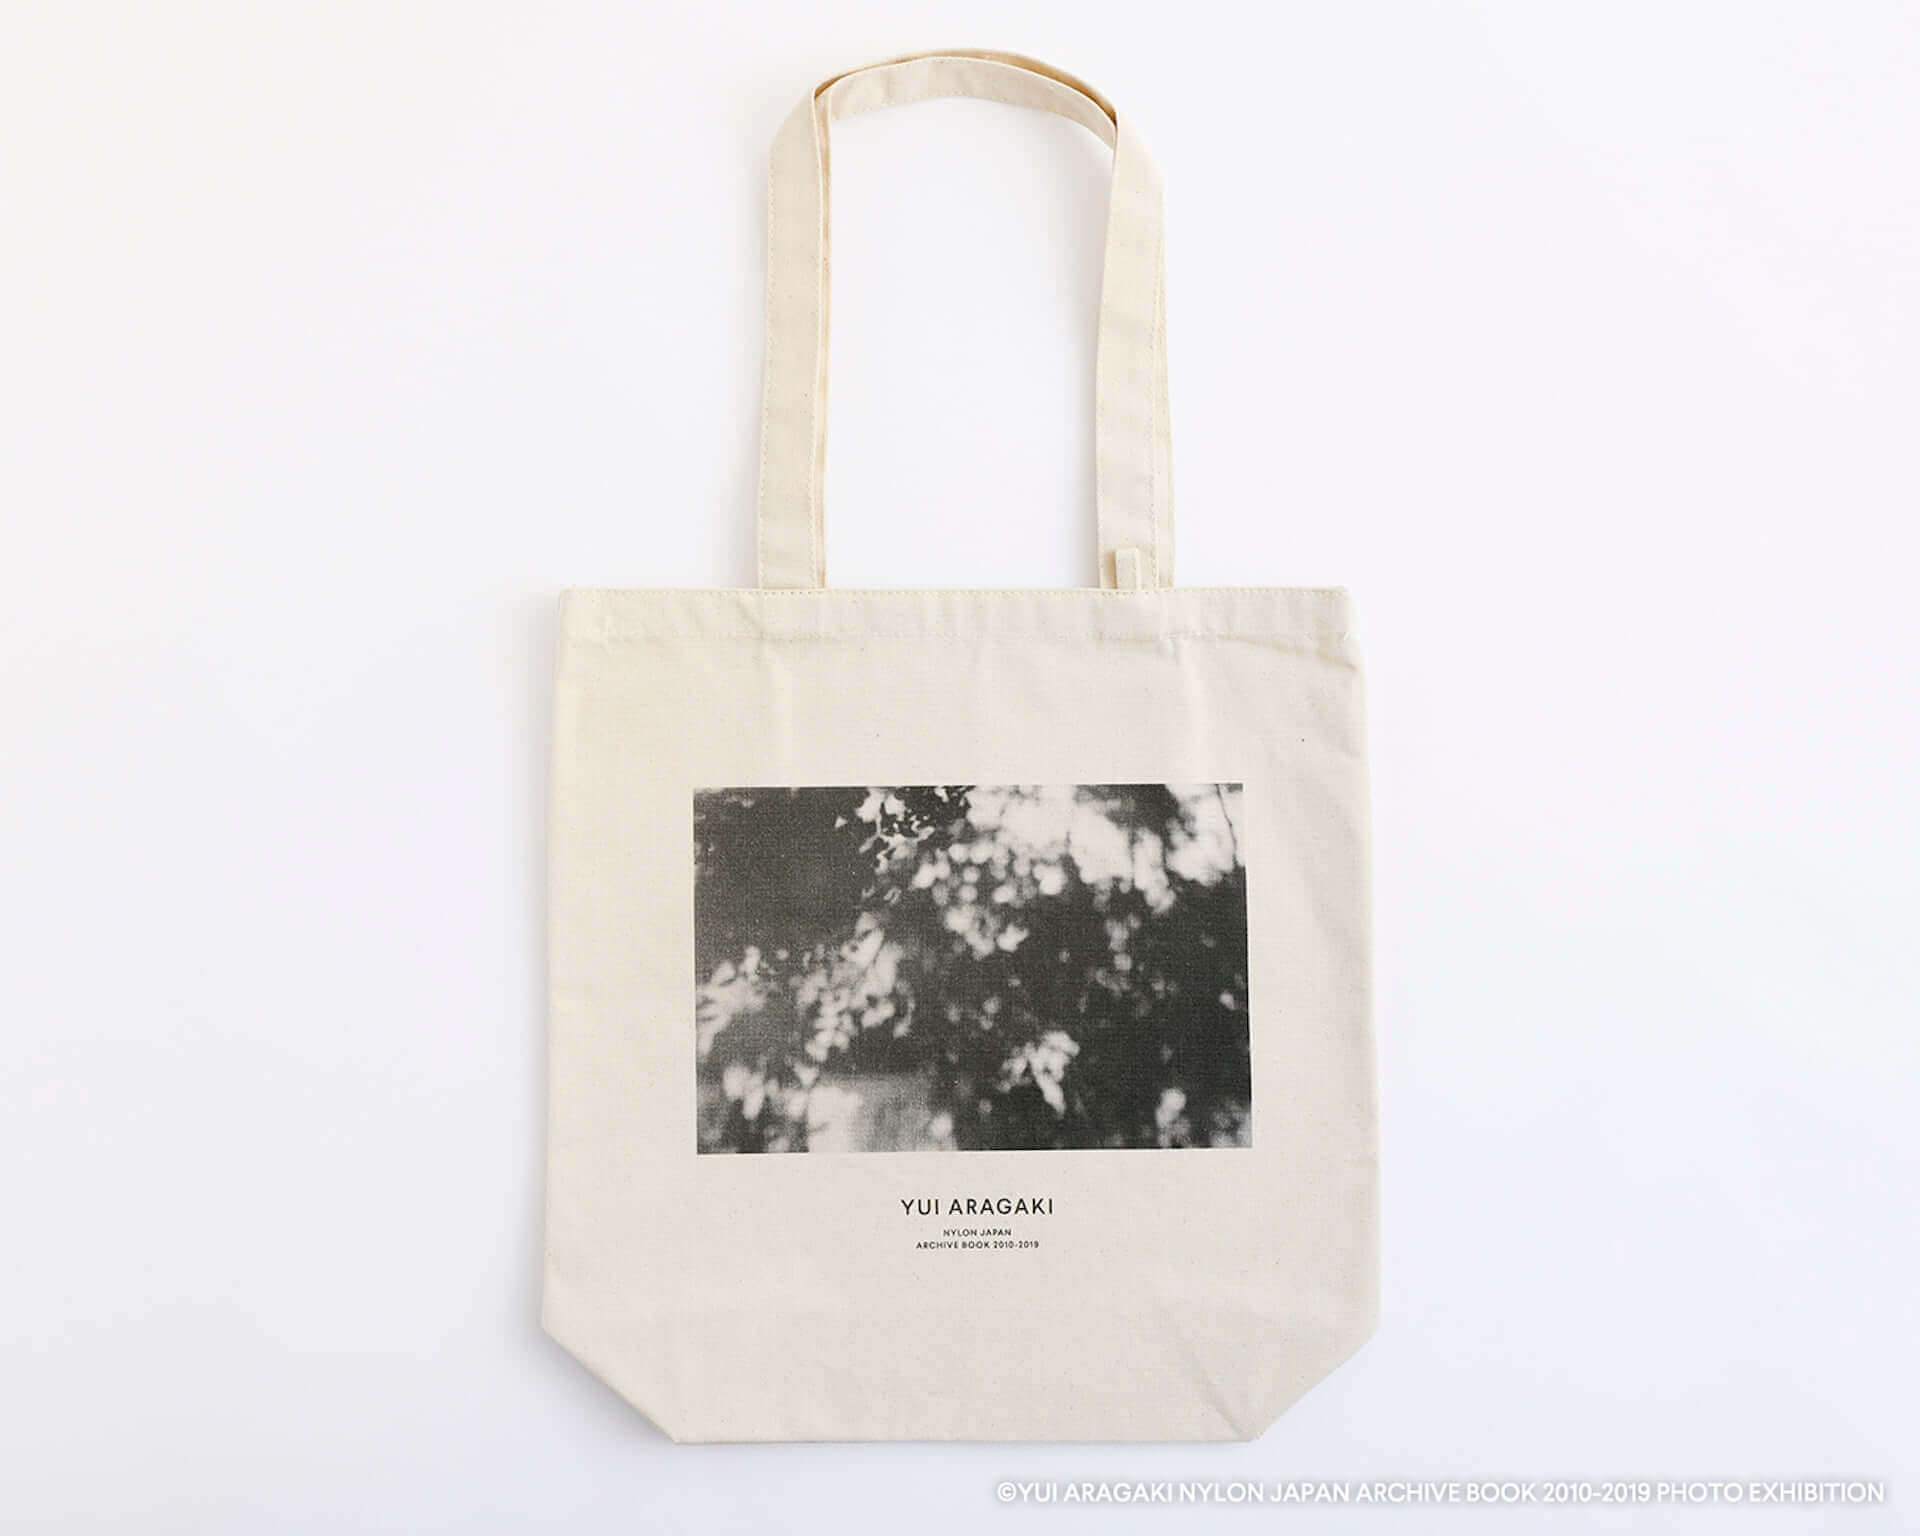 新垣結衣のNYLON JAPANでの軌跡を追った写真展が福岡、札幌、広島のPARCOでも開催決定!ガッキーマグカップの発売も art200909_aragakiyui_3